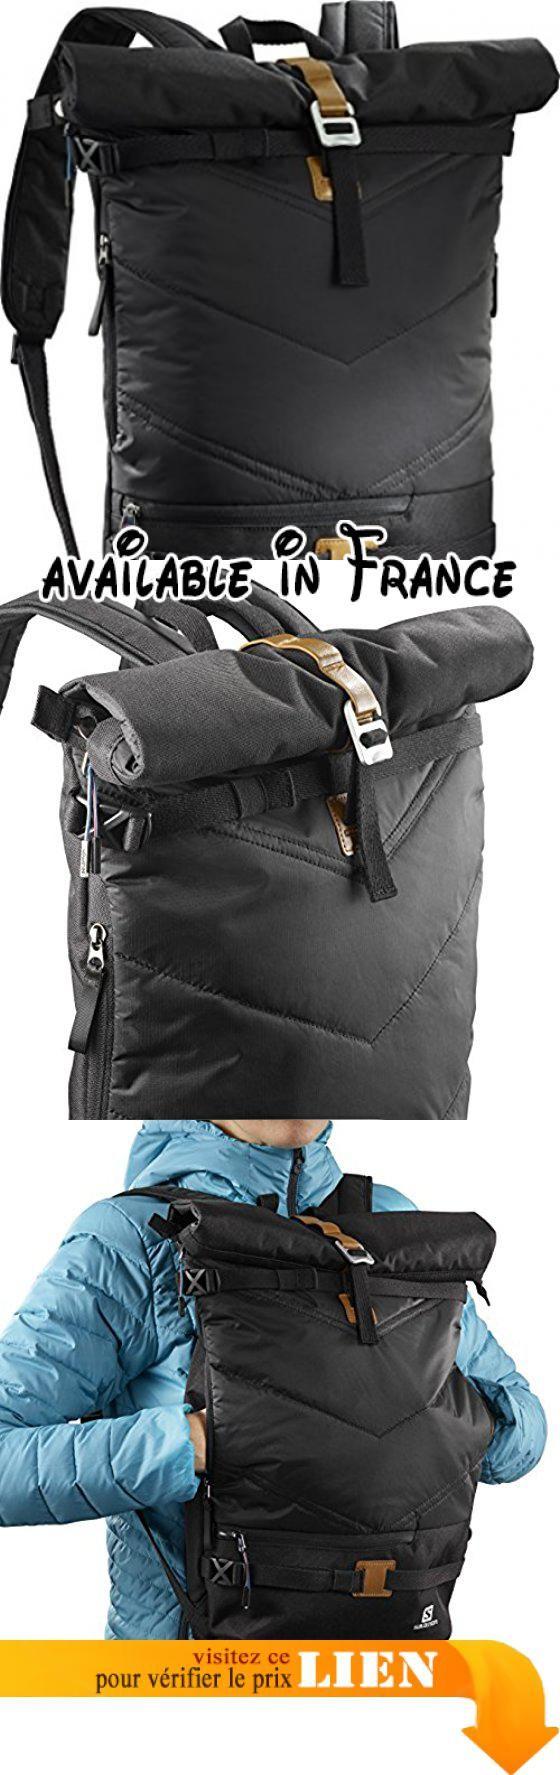 B072KRTSXC : Salomon gear Loft 10 Sac à Dos de Randonnée Mixte Adulte Noir Taille Unique. Noir. Size: Taille Unique. Unisexe - Adulte